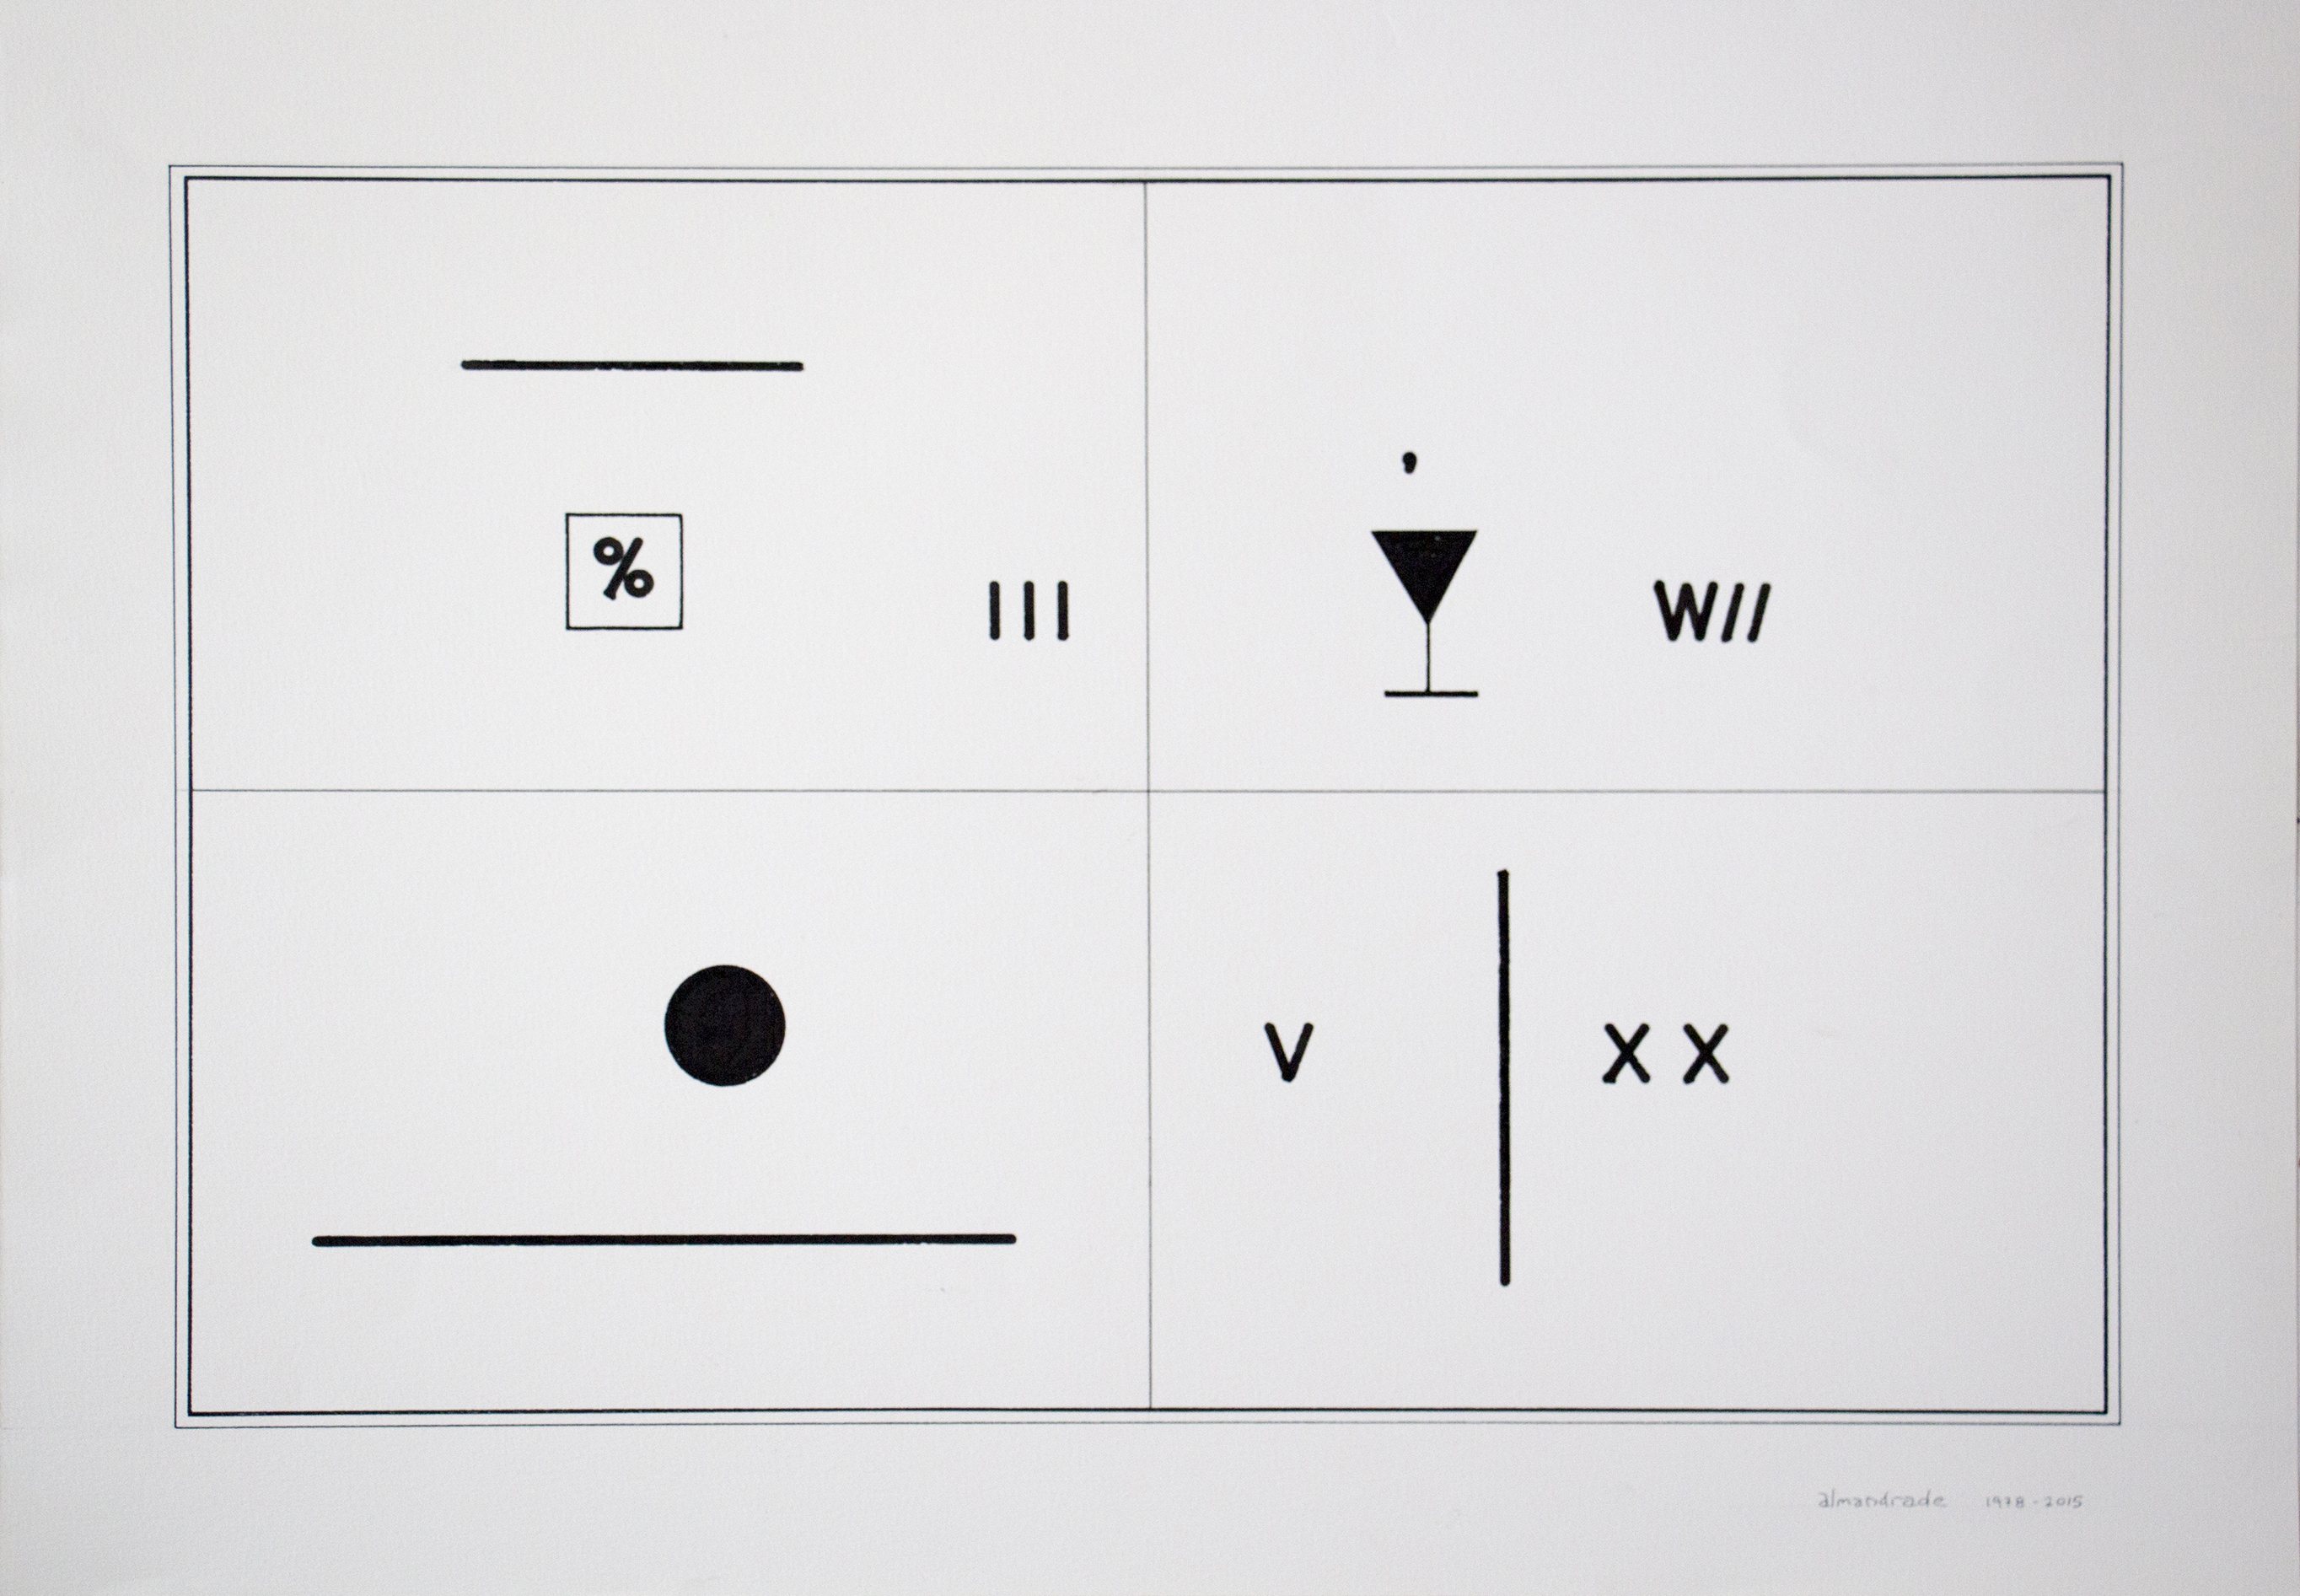 23. Gab de arte k2o.art Almandrade. Ideia & Realização. Nanquim sobre papel. 35x50cm. 1978-2015